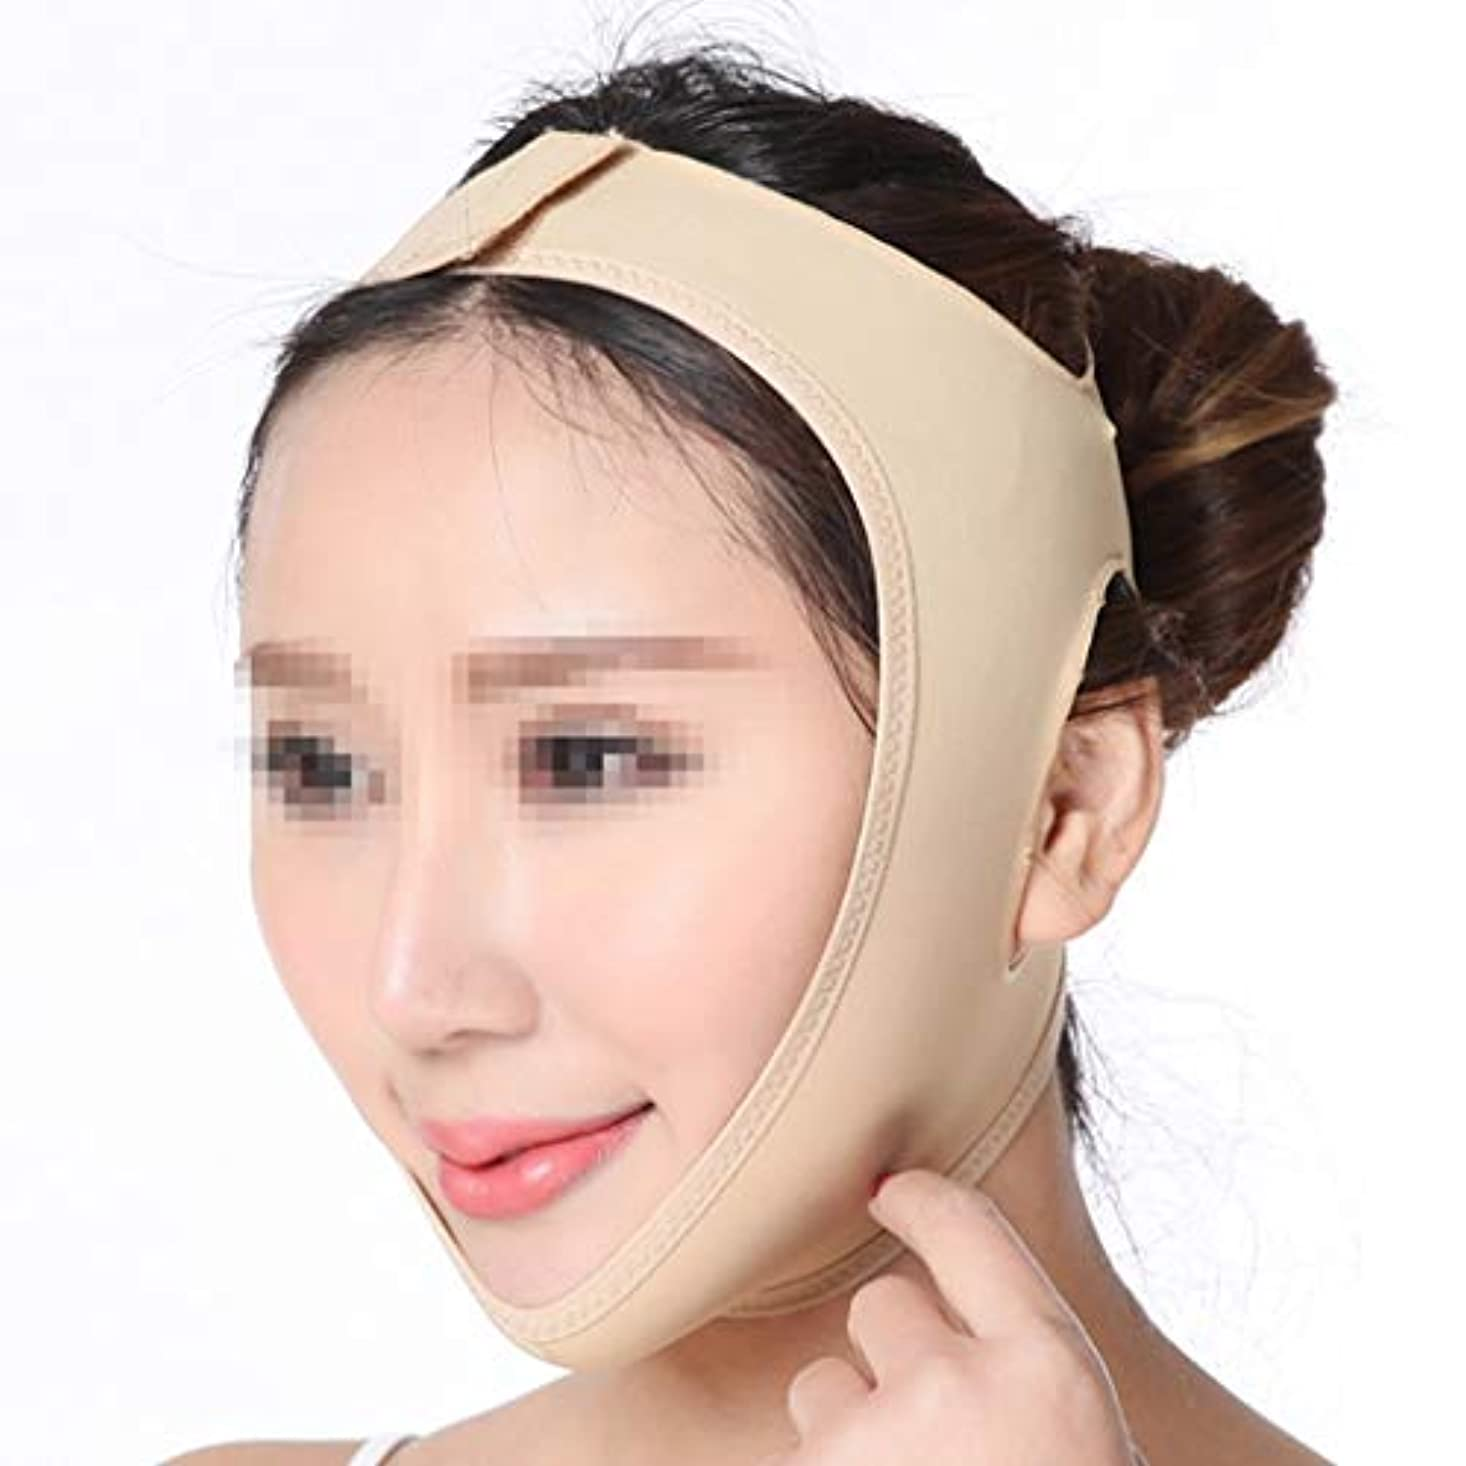 リレー満足できるバラエティフェイスリフティング包帯、Vフェイス薄型フェイスマスクフェイスリフティング包帯リフティングVフェイスマスク (Size : L)